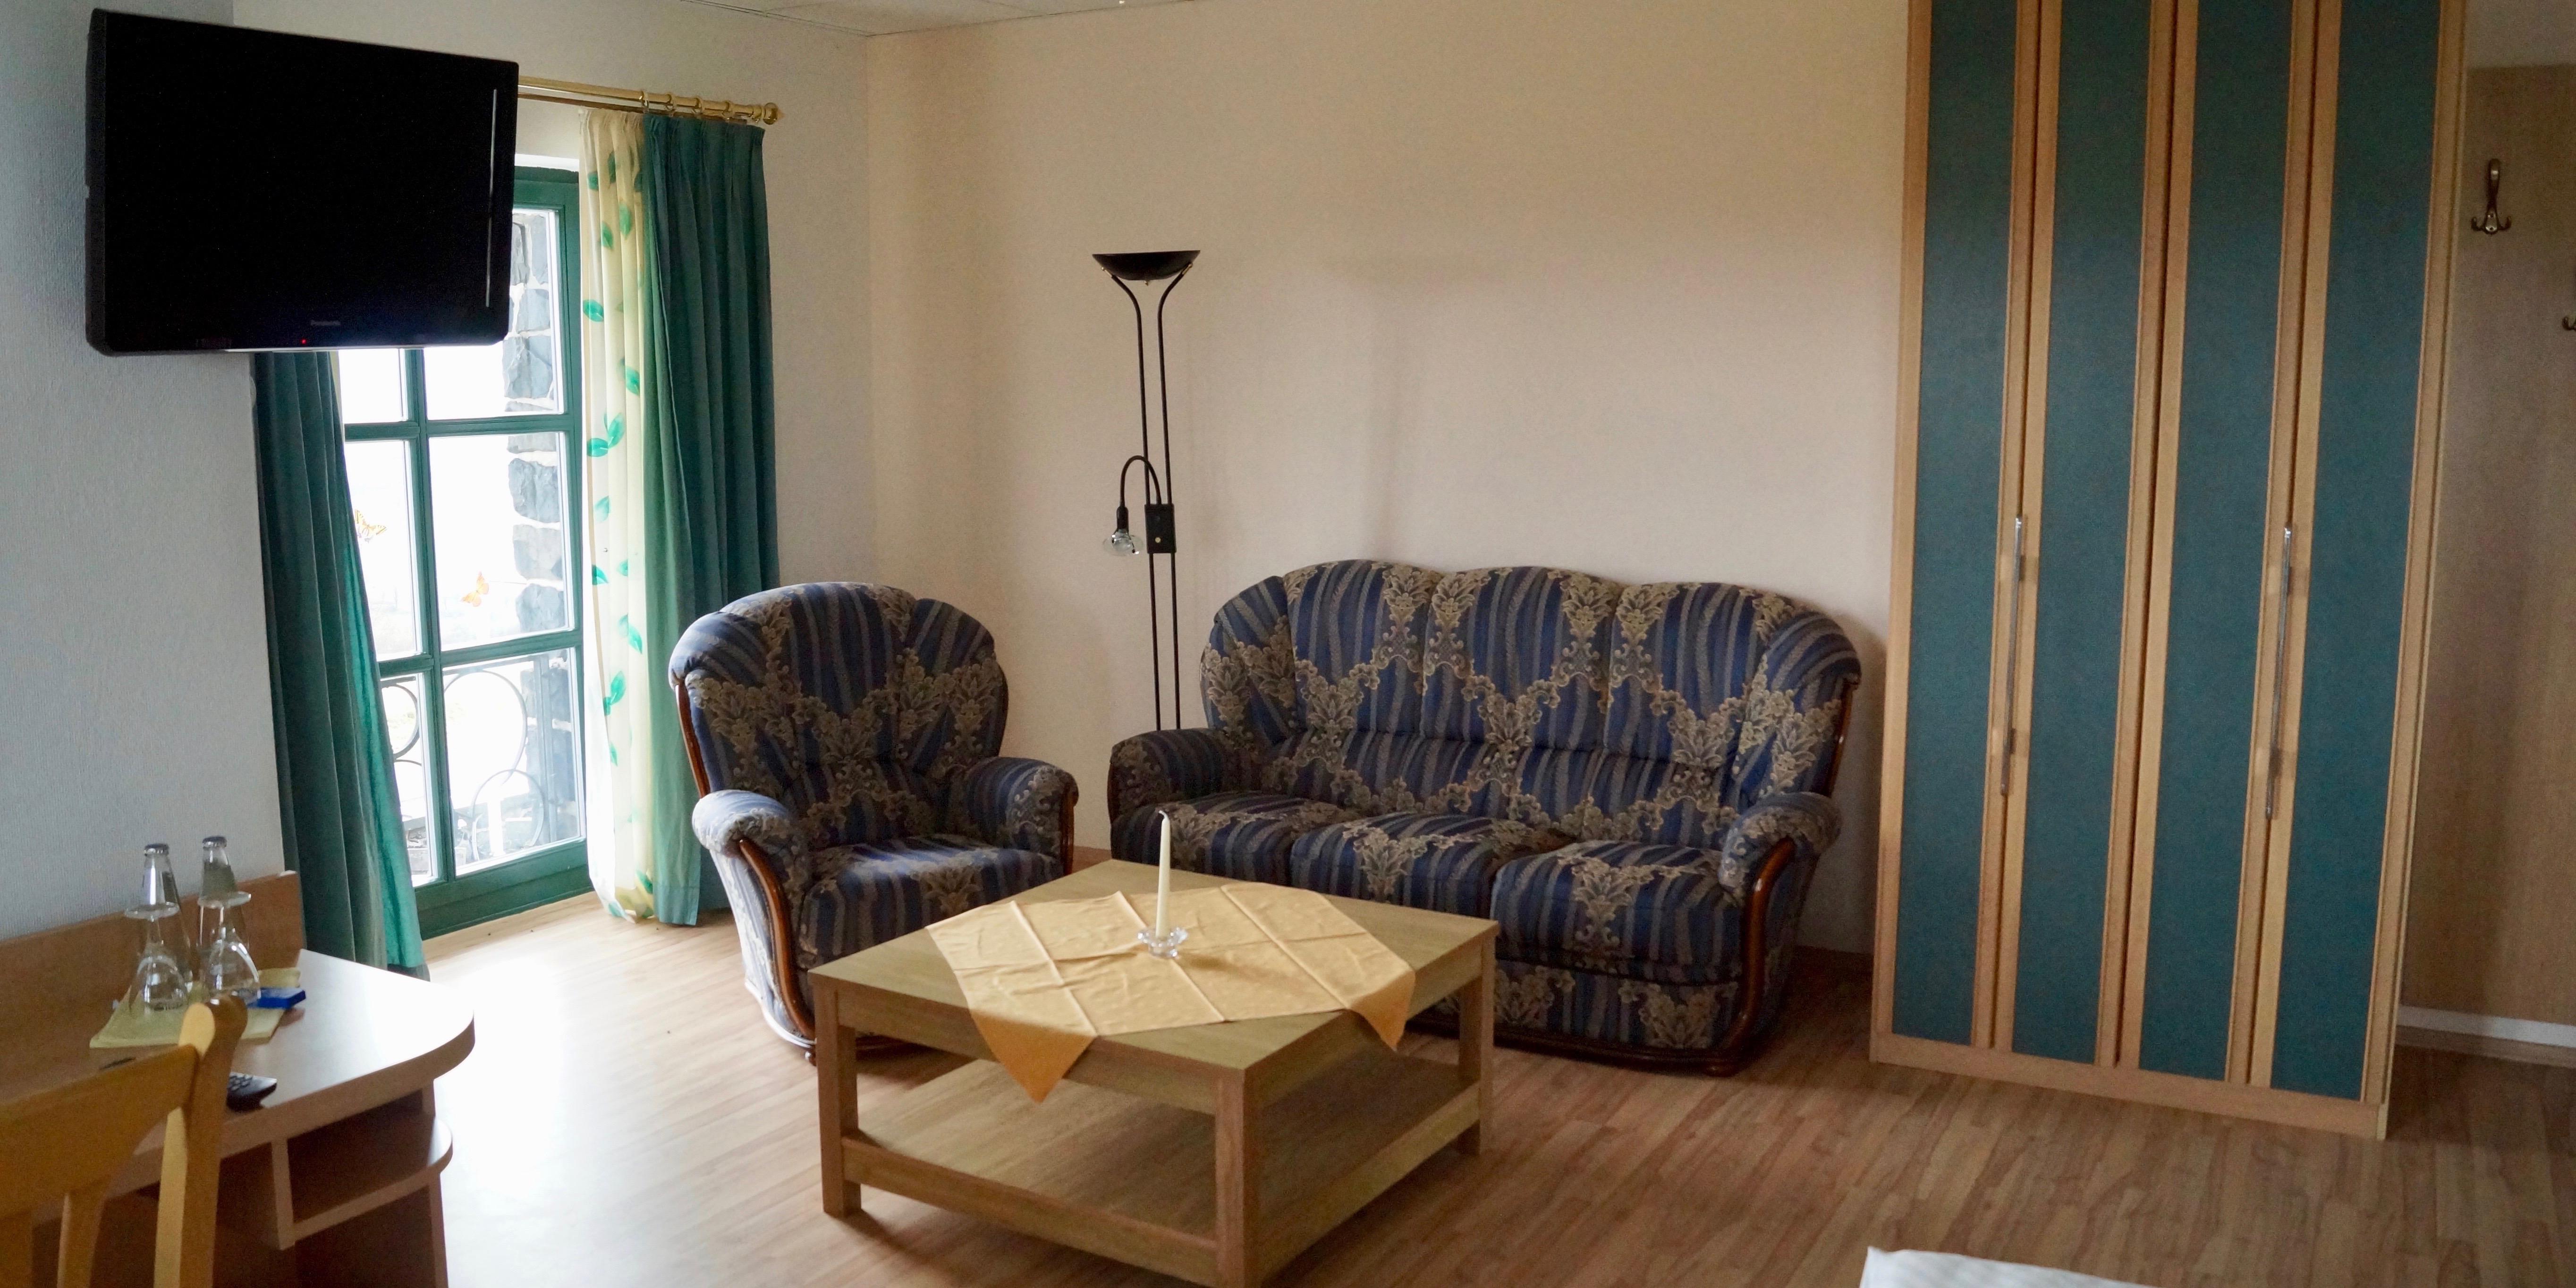 http://hotel-katzenstein.de/wp-content/uploads/2017/08/DZ_Premium_Zimmer38x4.jpg